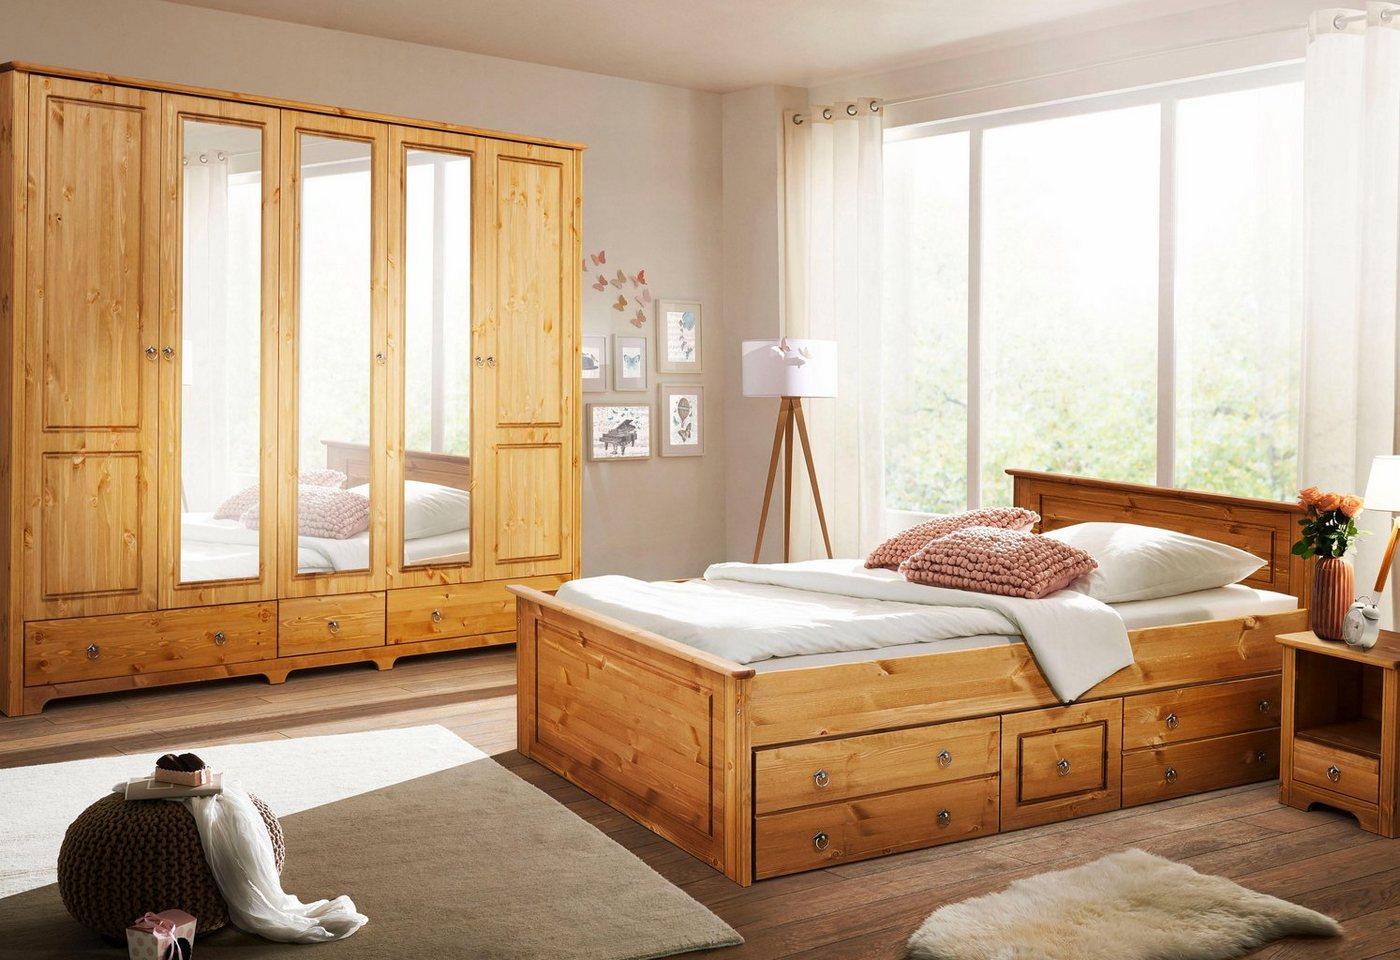 HOME AFFAIRE 4-dlg. slaapkamerserie Hugo, ledikant 180 cm, 5-deurs garderobekast en 2 nachtkastjes